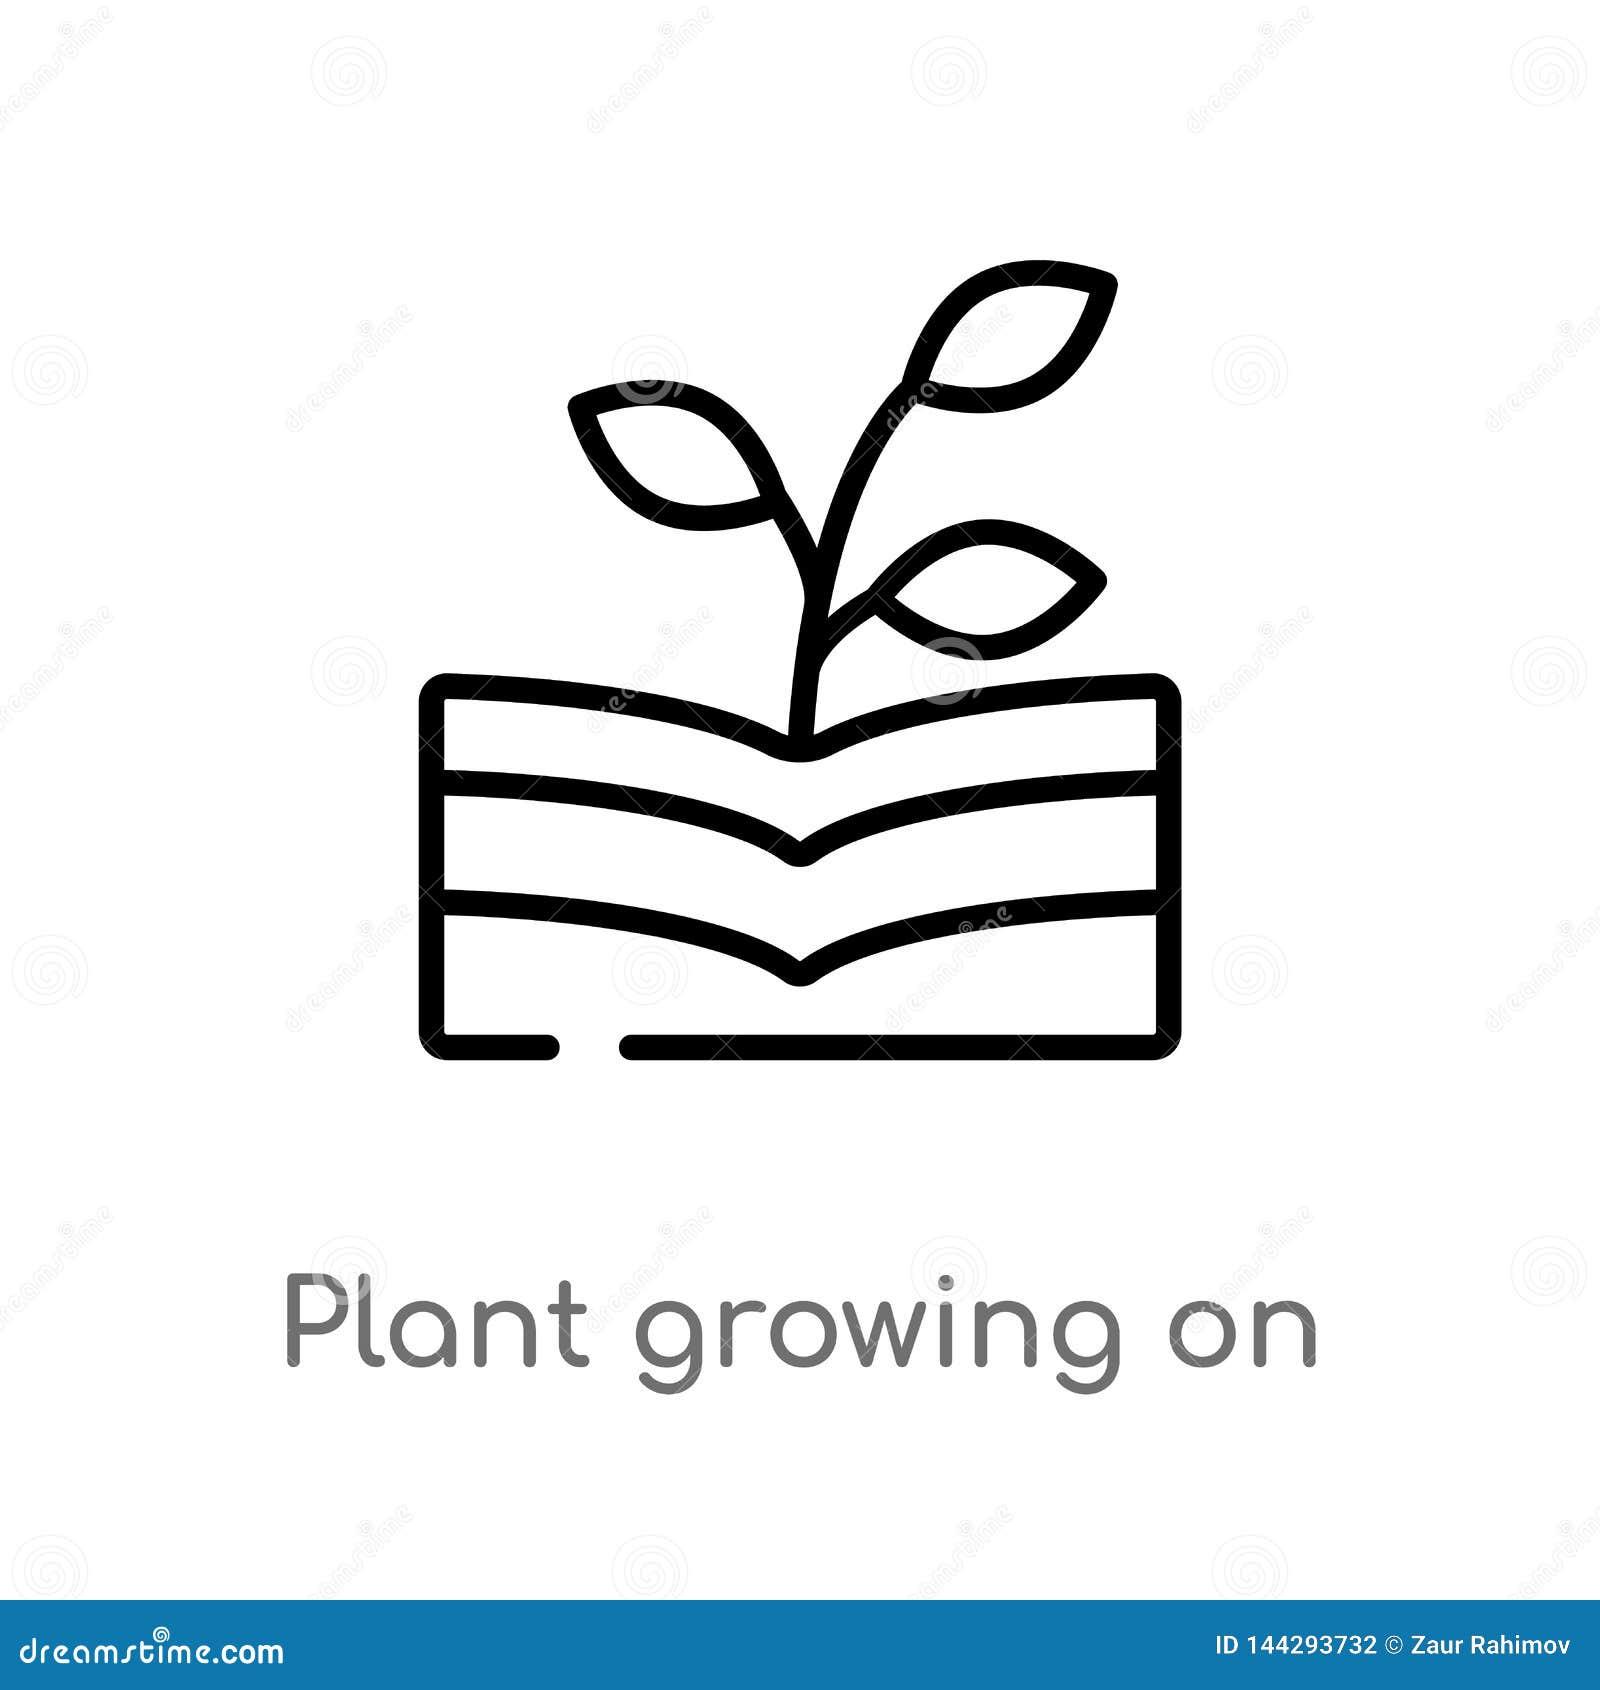 Overzichtsinstallatie het groeien op boek vectorpictogram de ge?soleerde zwarte eenvoudige illustratie van het lijnelement van aa